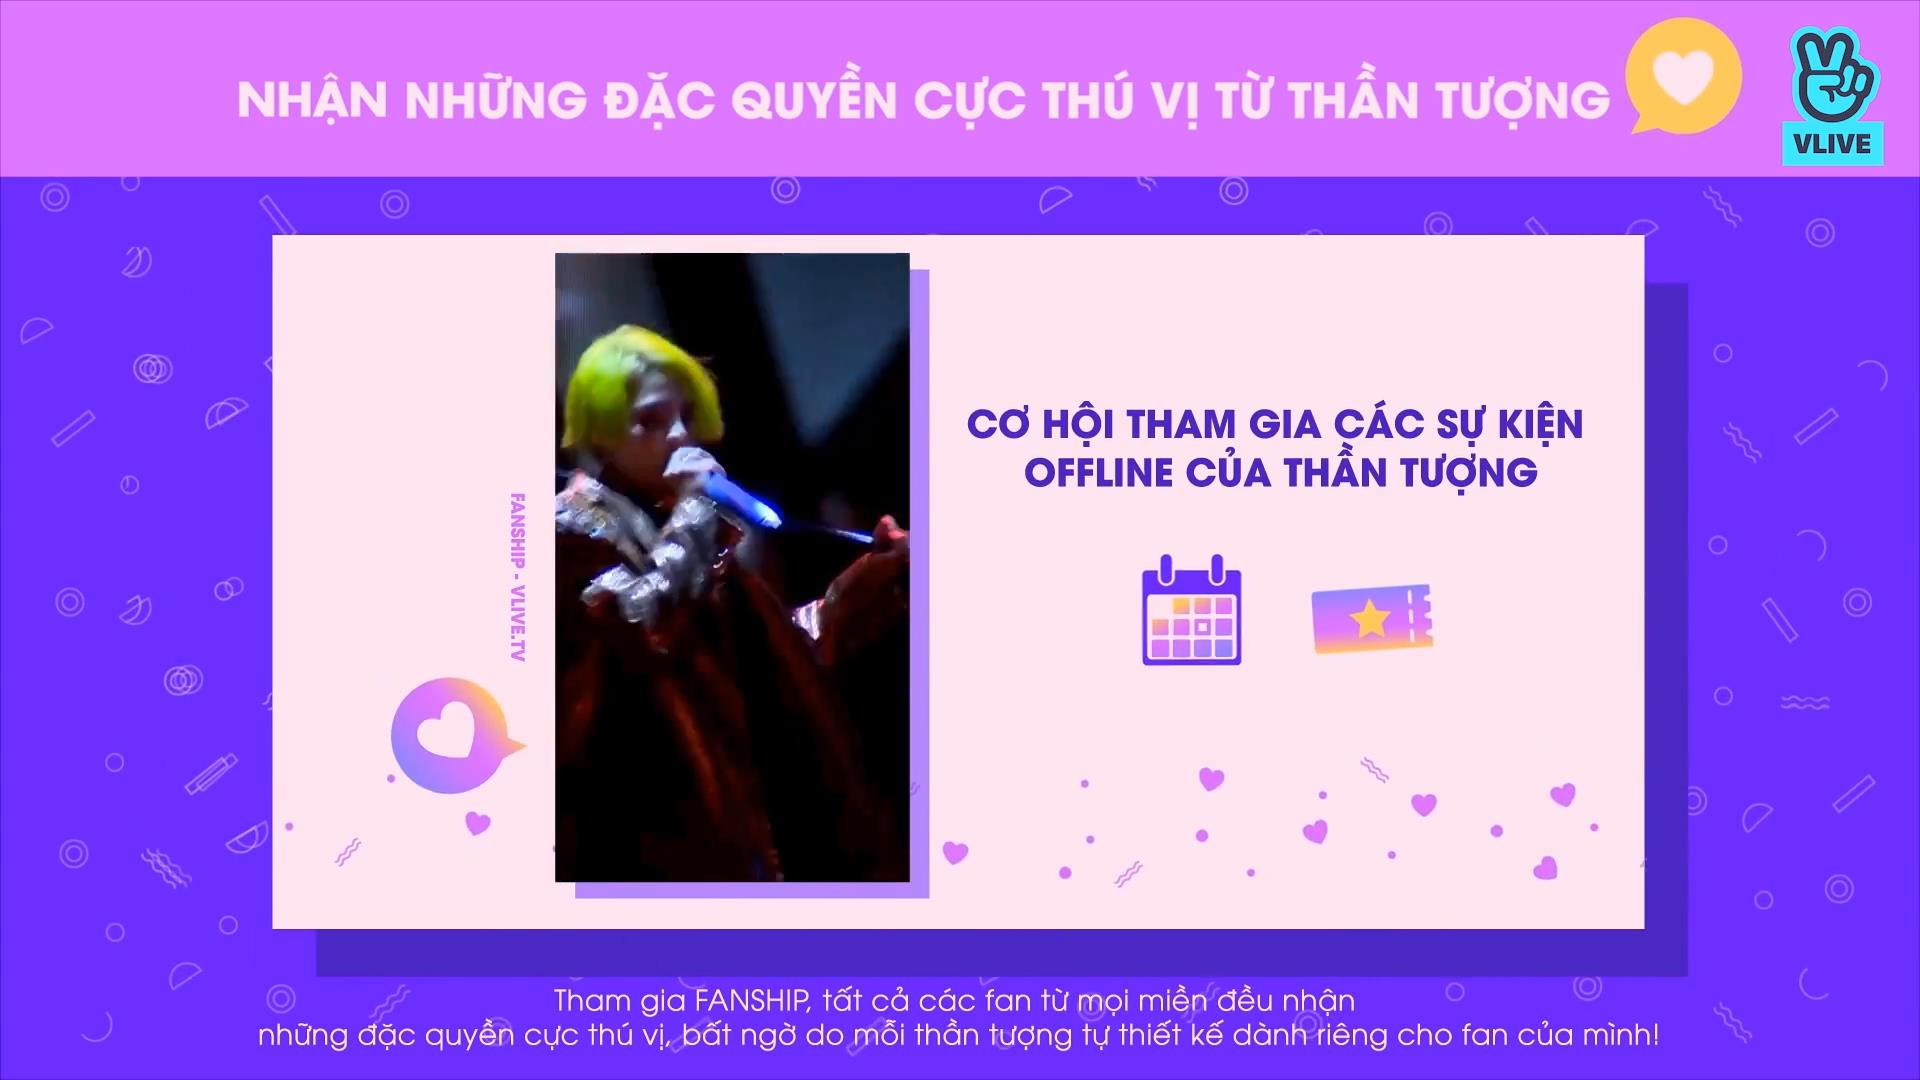 Fanship - Cộng đồng fan online toàn cầu sắp đổ bộ Việt Nam - Ảnh 1.